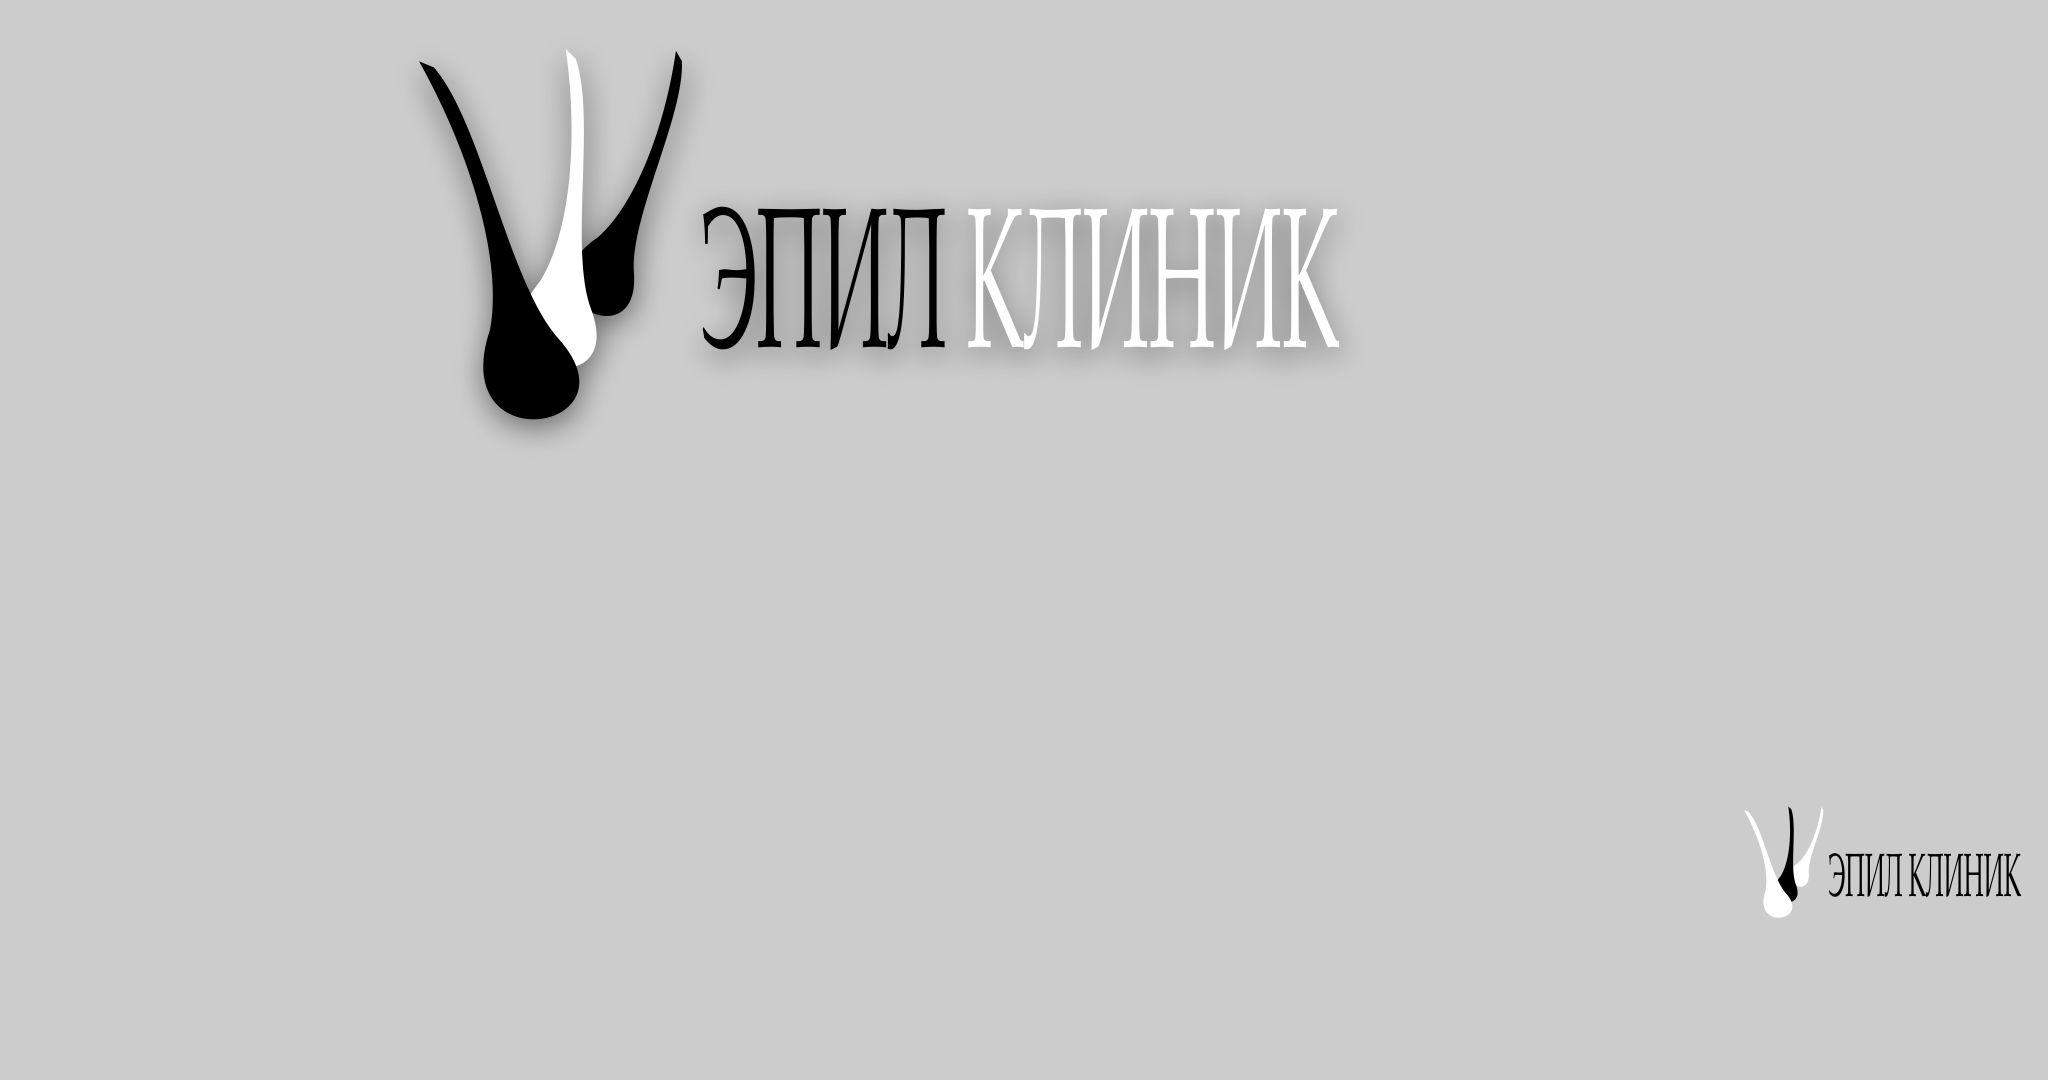 Логотип , фирменный стиль  фото f_9755e179163a567f.jpg